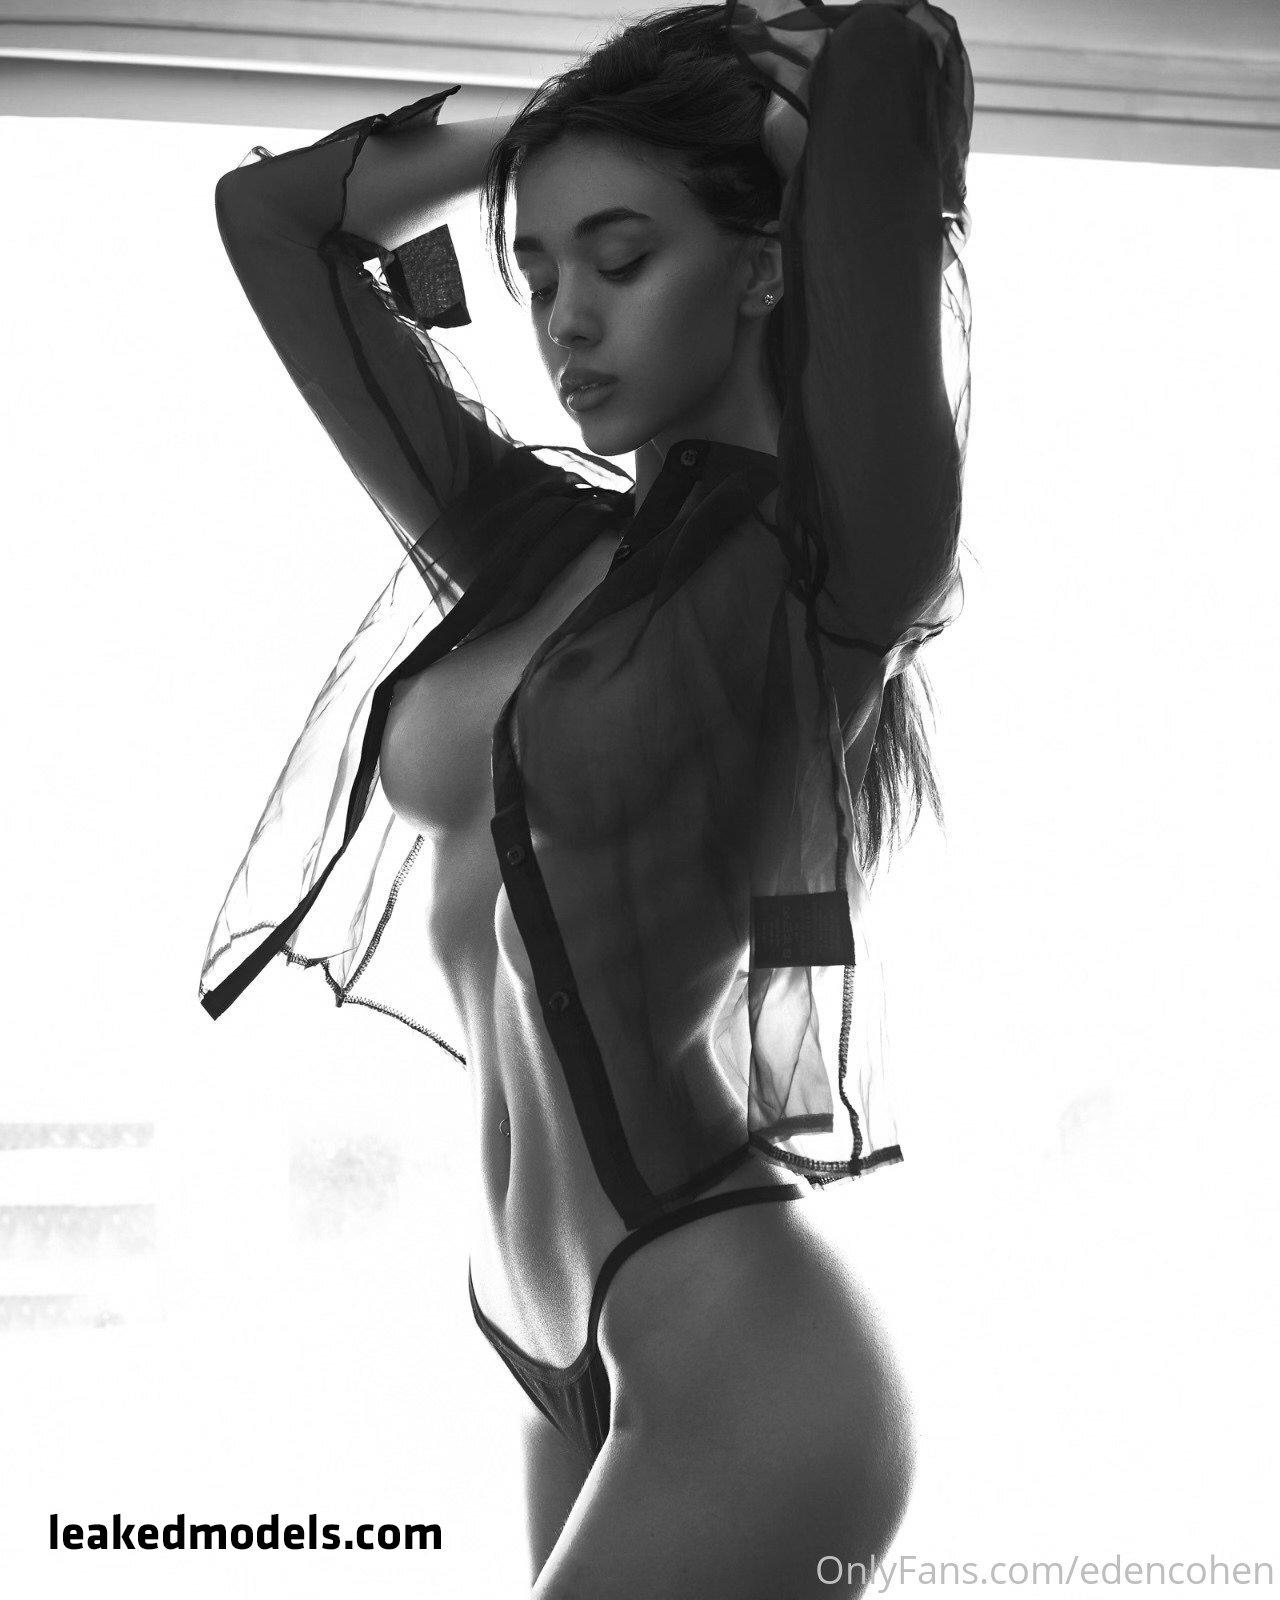 Eden Cohen – edencohen OnlyFans Nude Leaks (25 Photos)